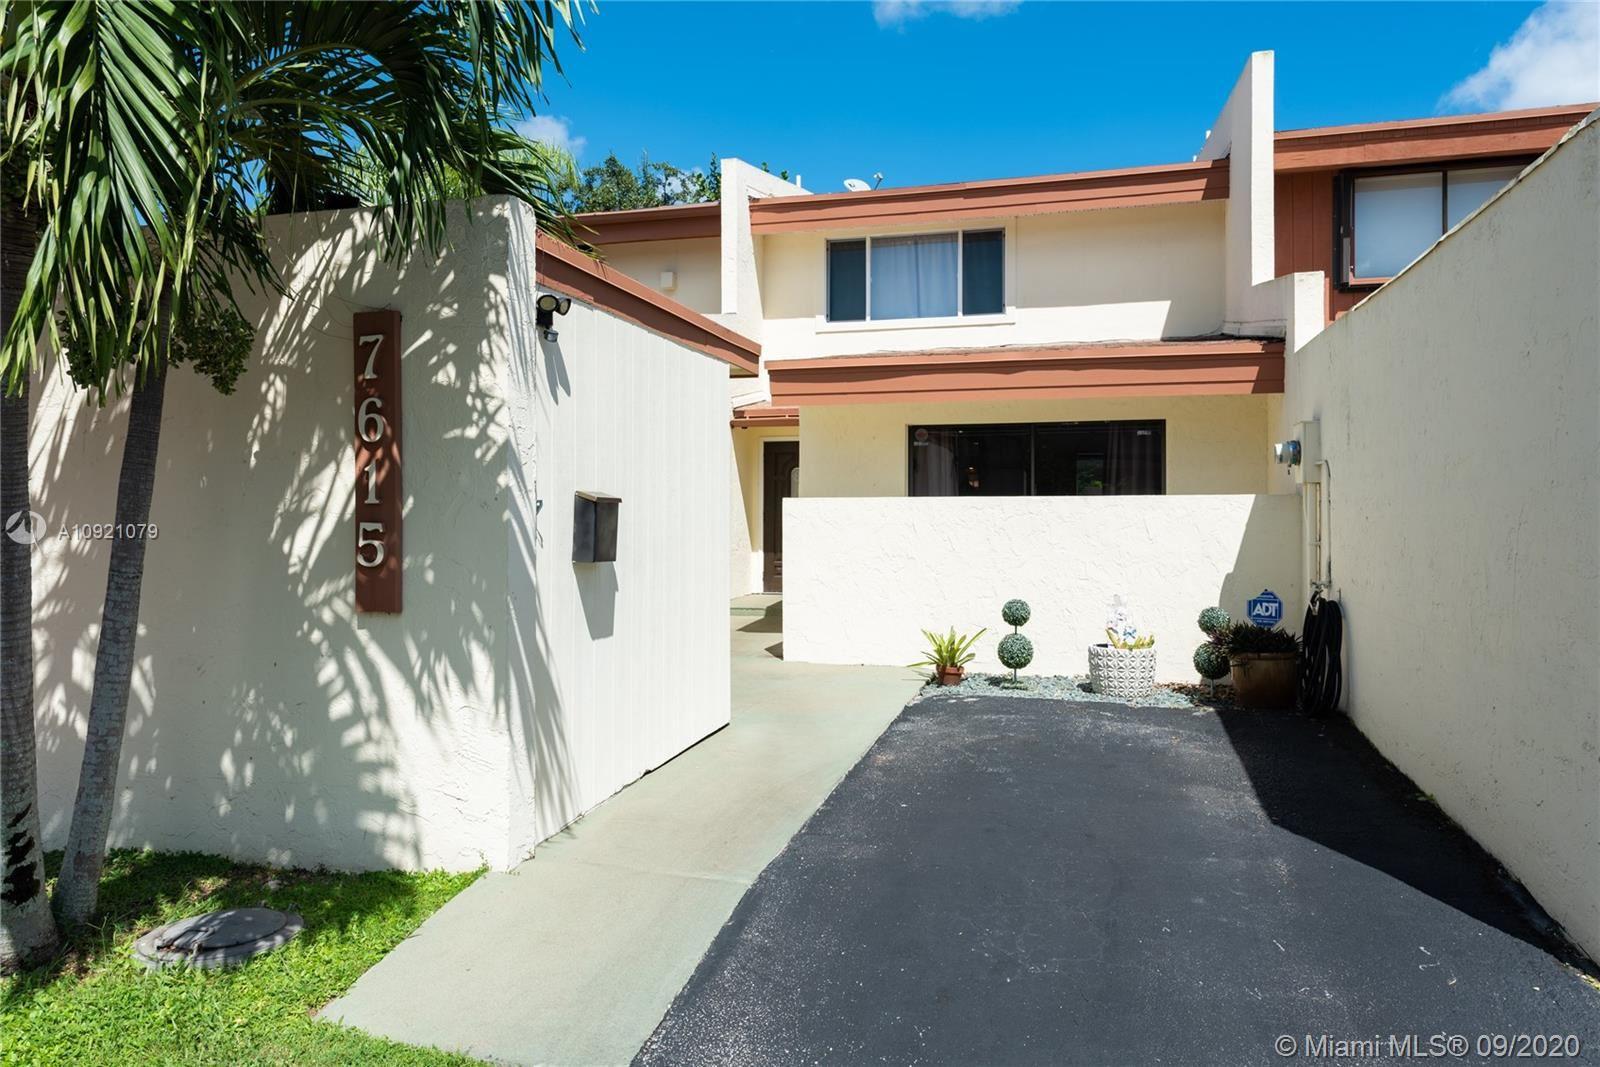 7615 SW 106 Ave, Miami, FL 33173 - #: A10921079